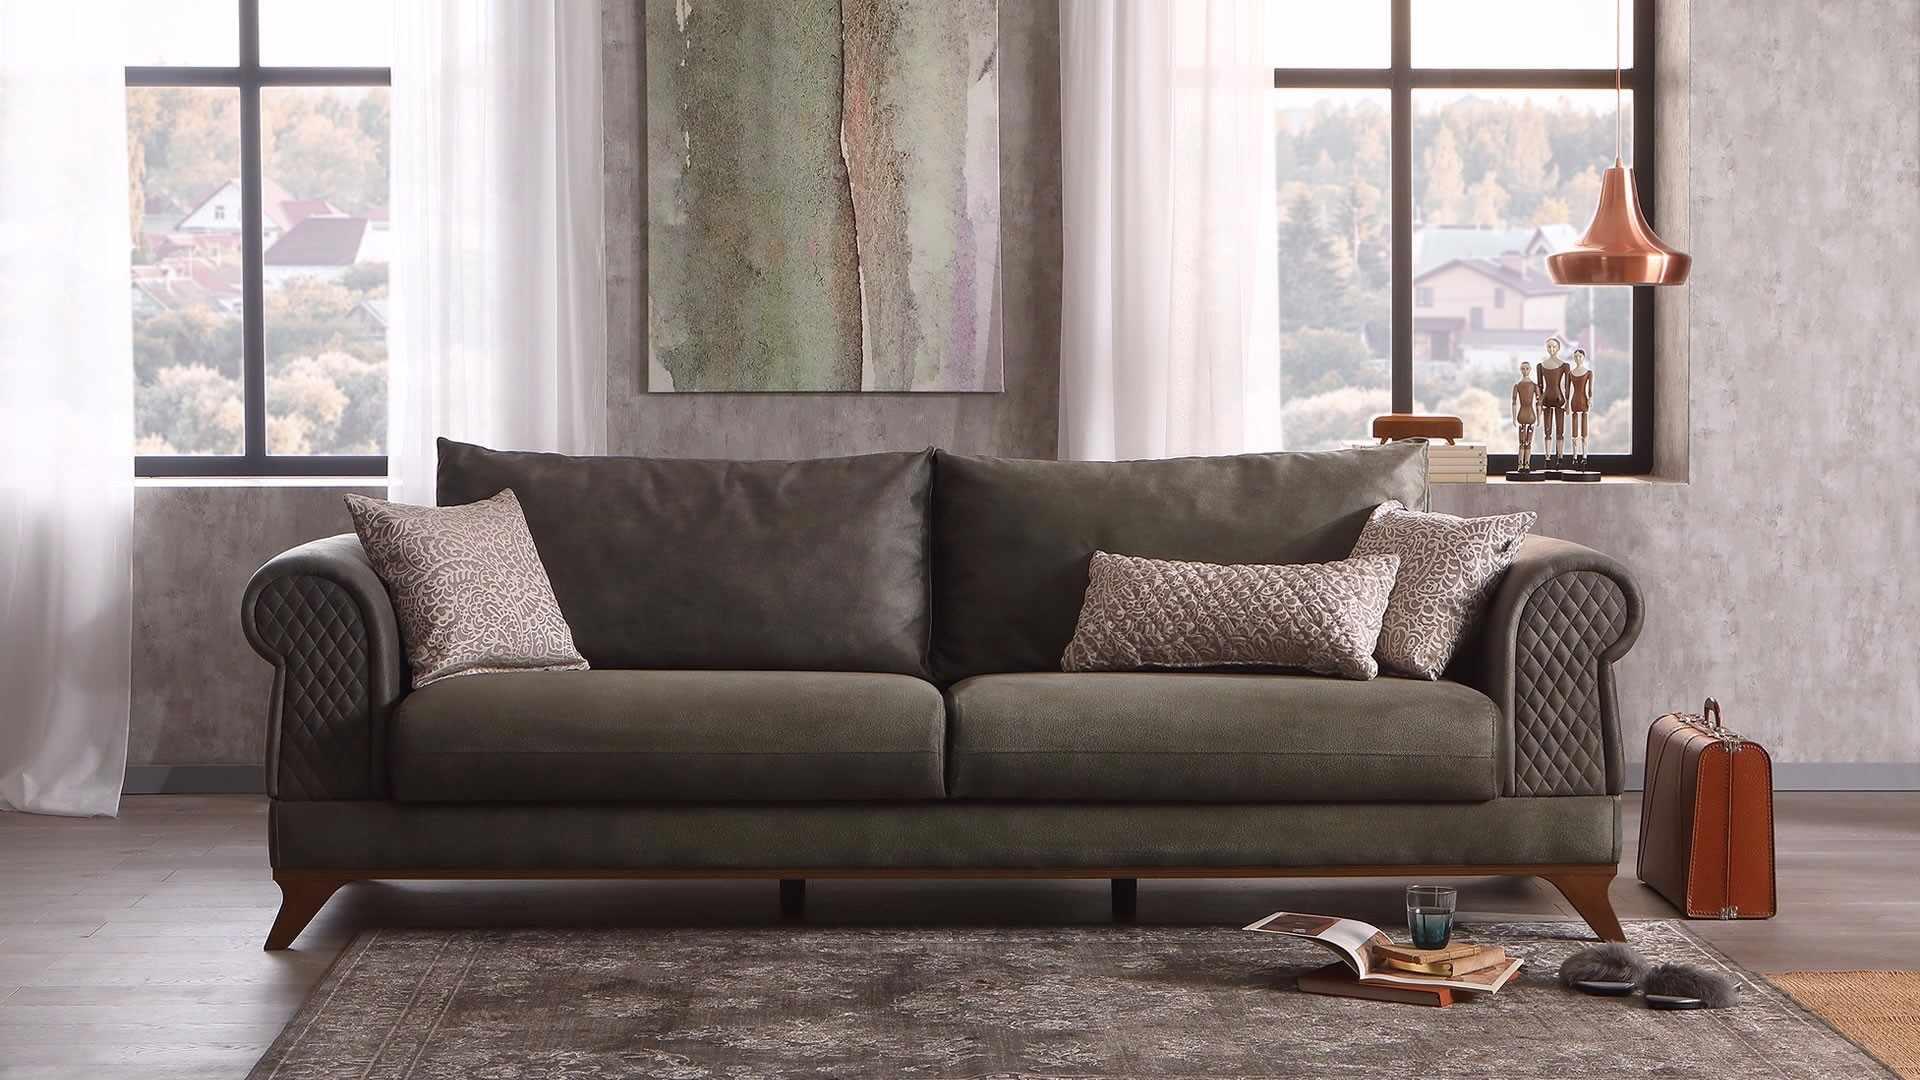 Canapea extensibila cu lada de depozitare, tapitata cu stofa, 3 locuri Raveno Verde Olive, l246xA100xH81 cm la pret 4531 lei